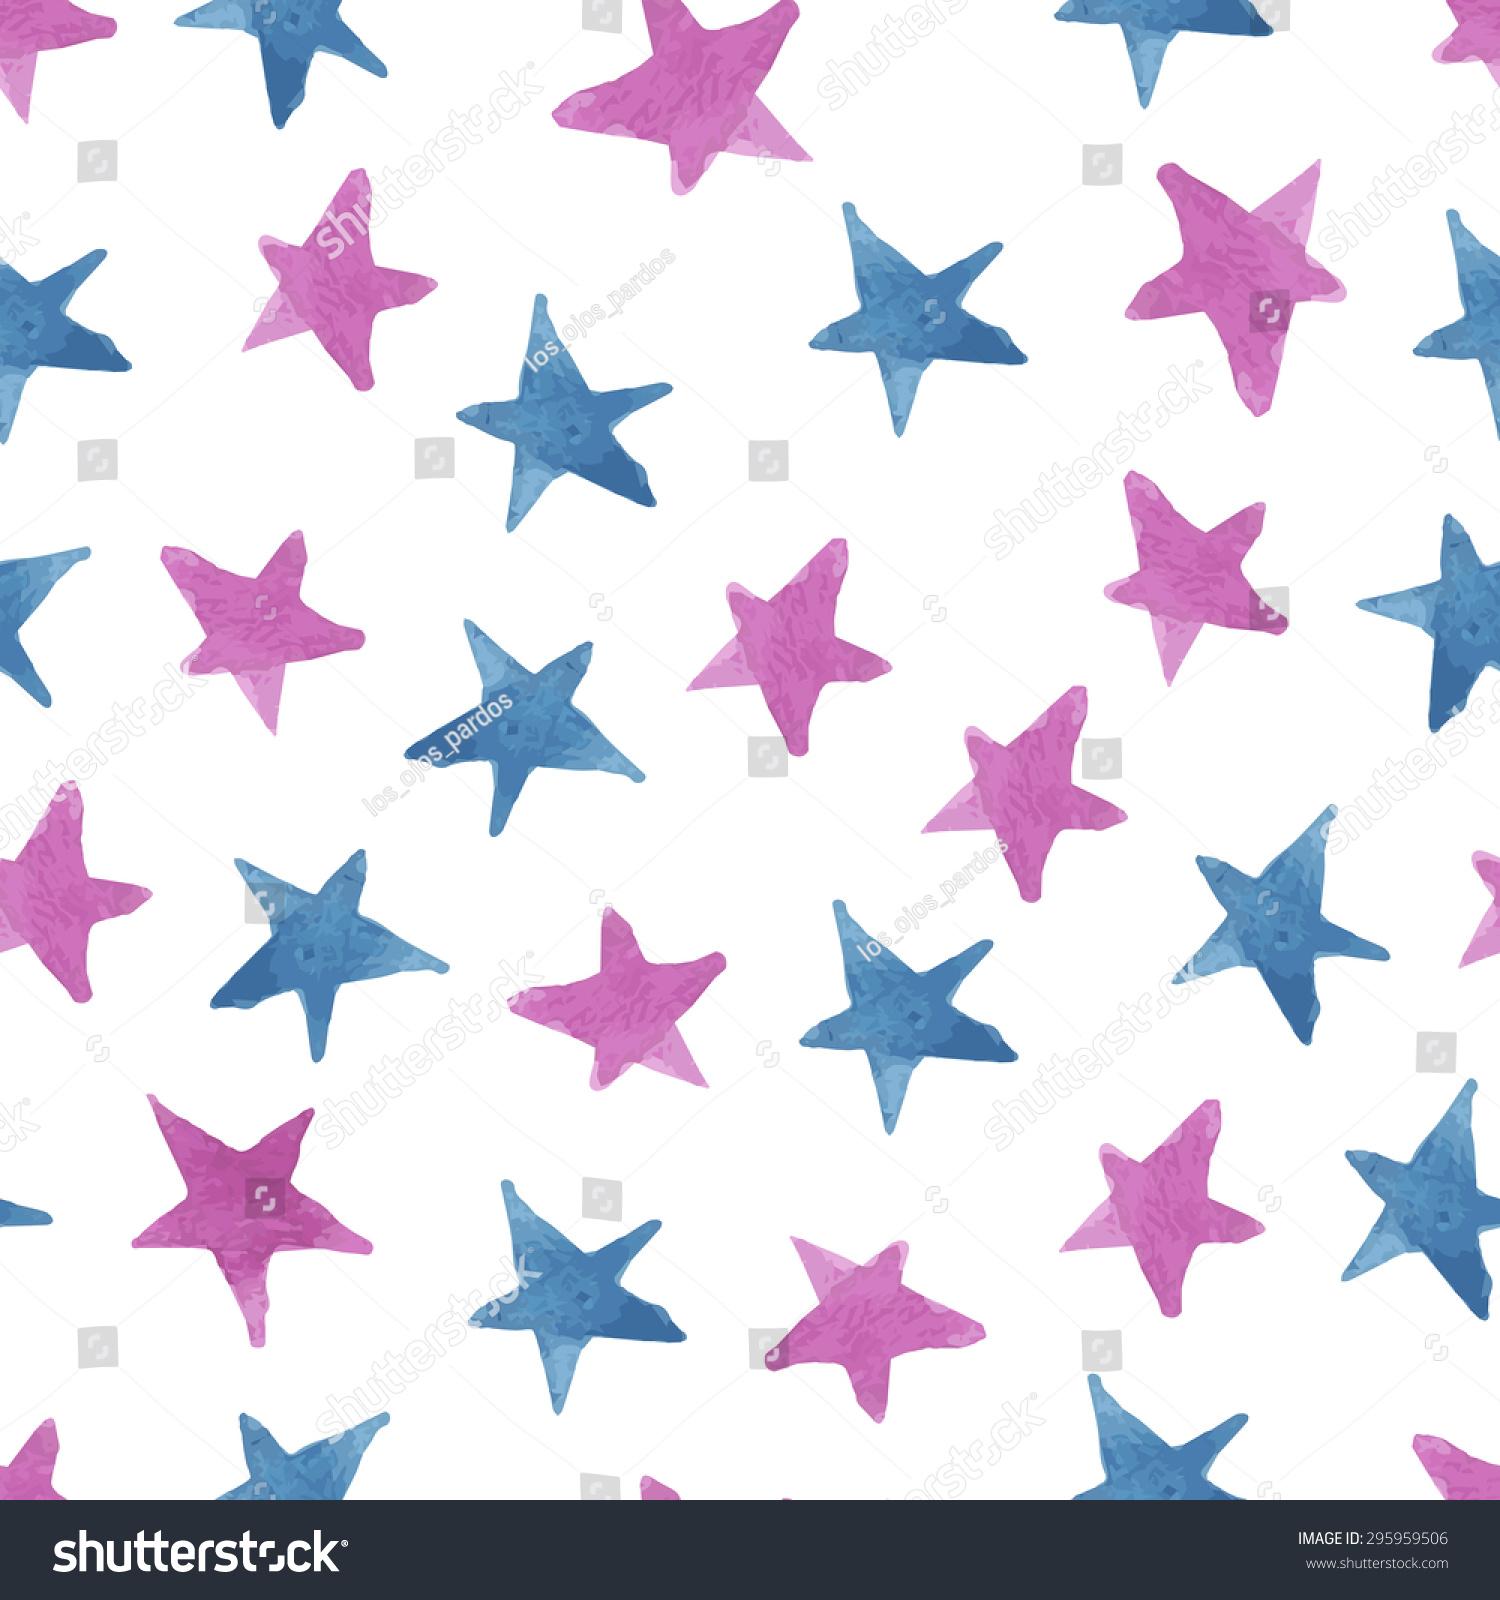 向量无缝模式的画面可爱的手画水彩的星星-背景/素材